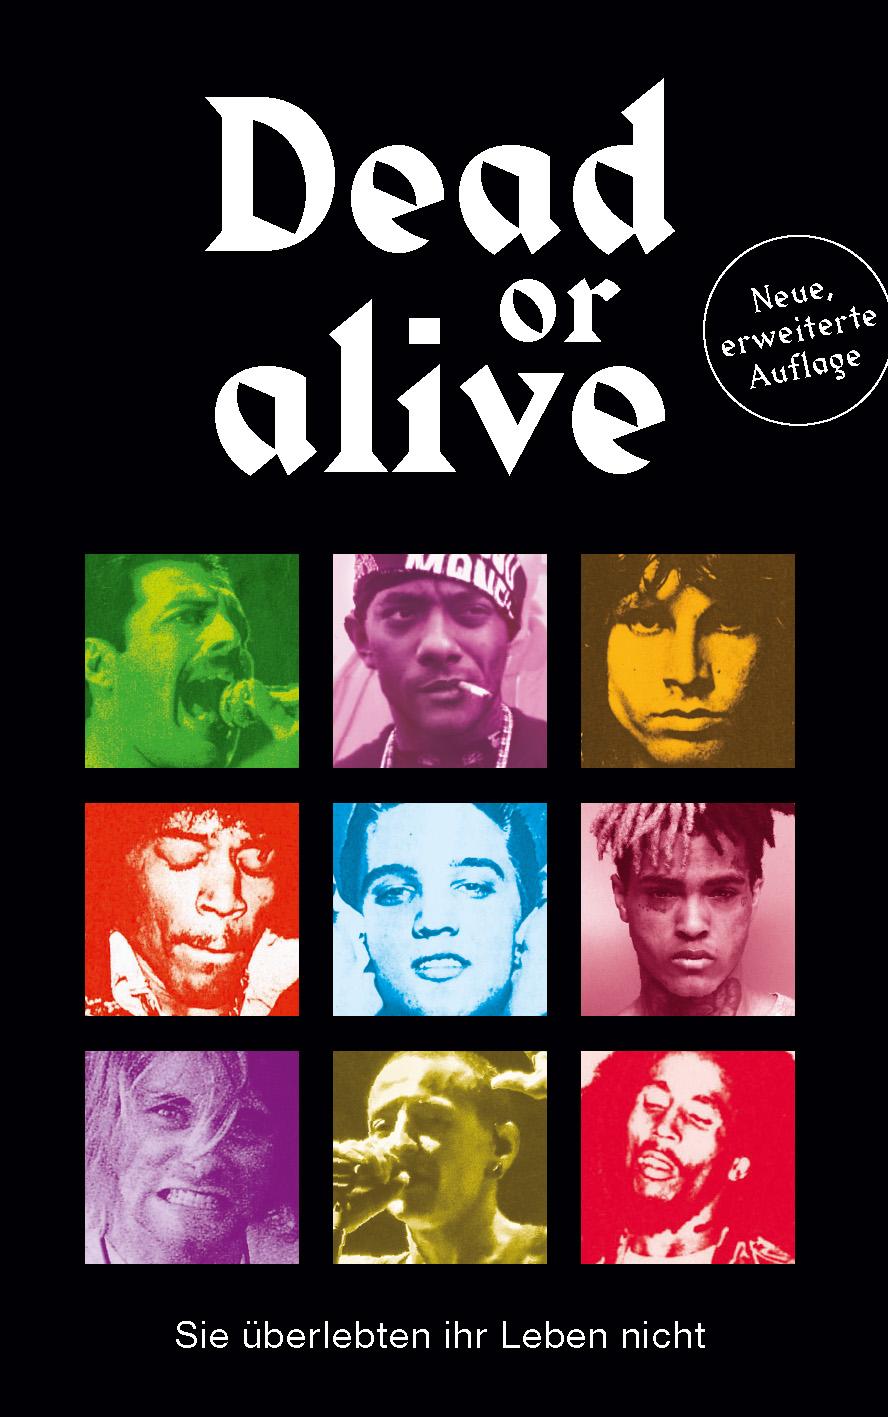 CLV_dead-or-alive_255465_3